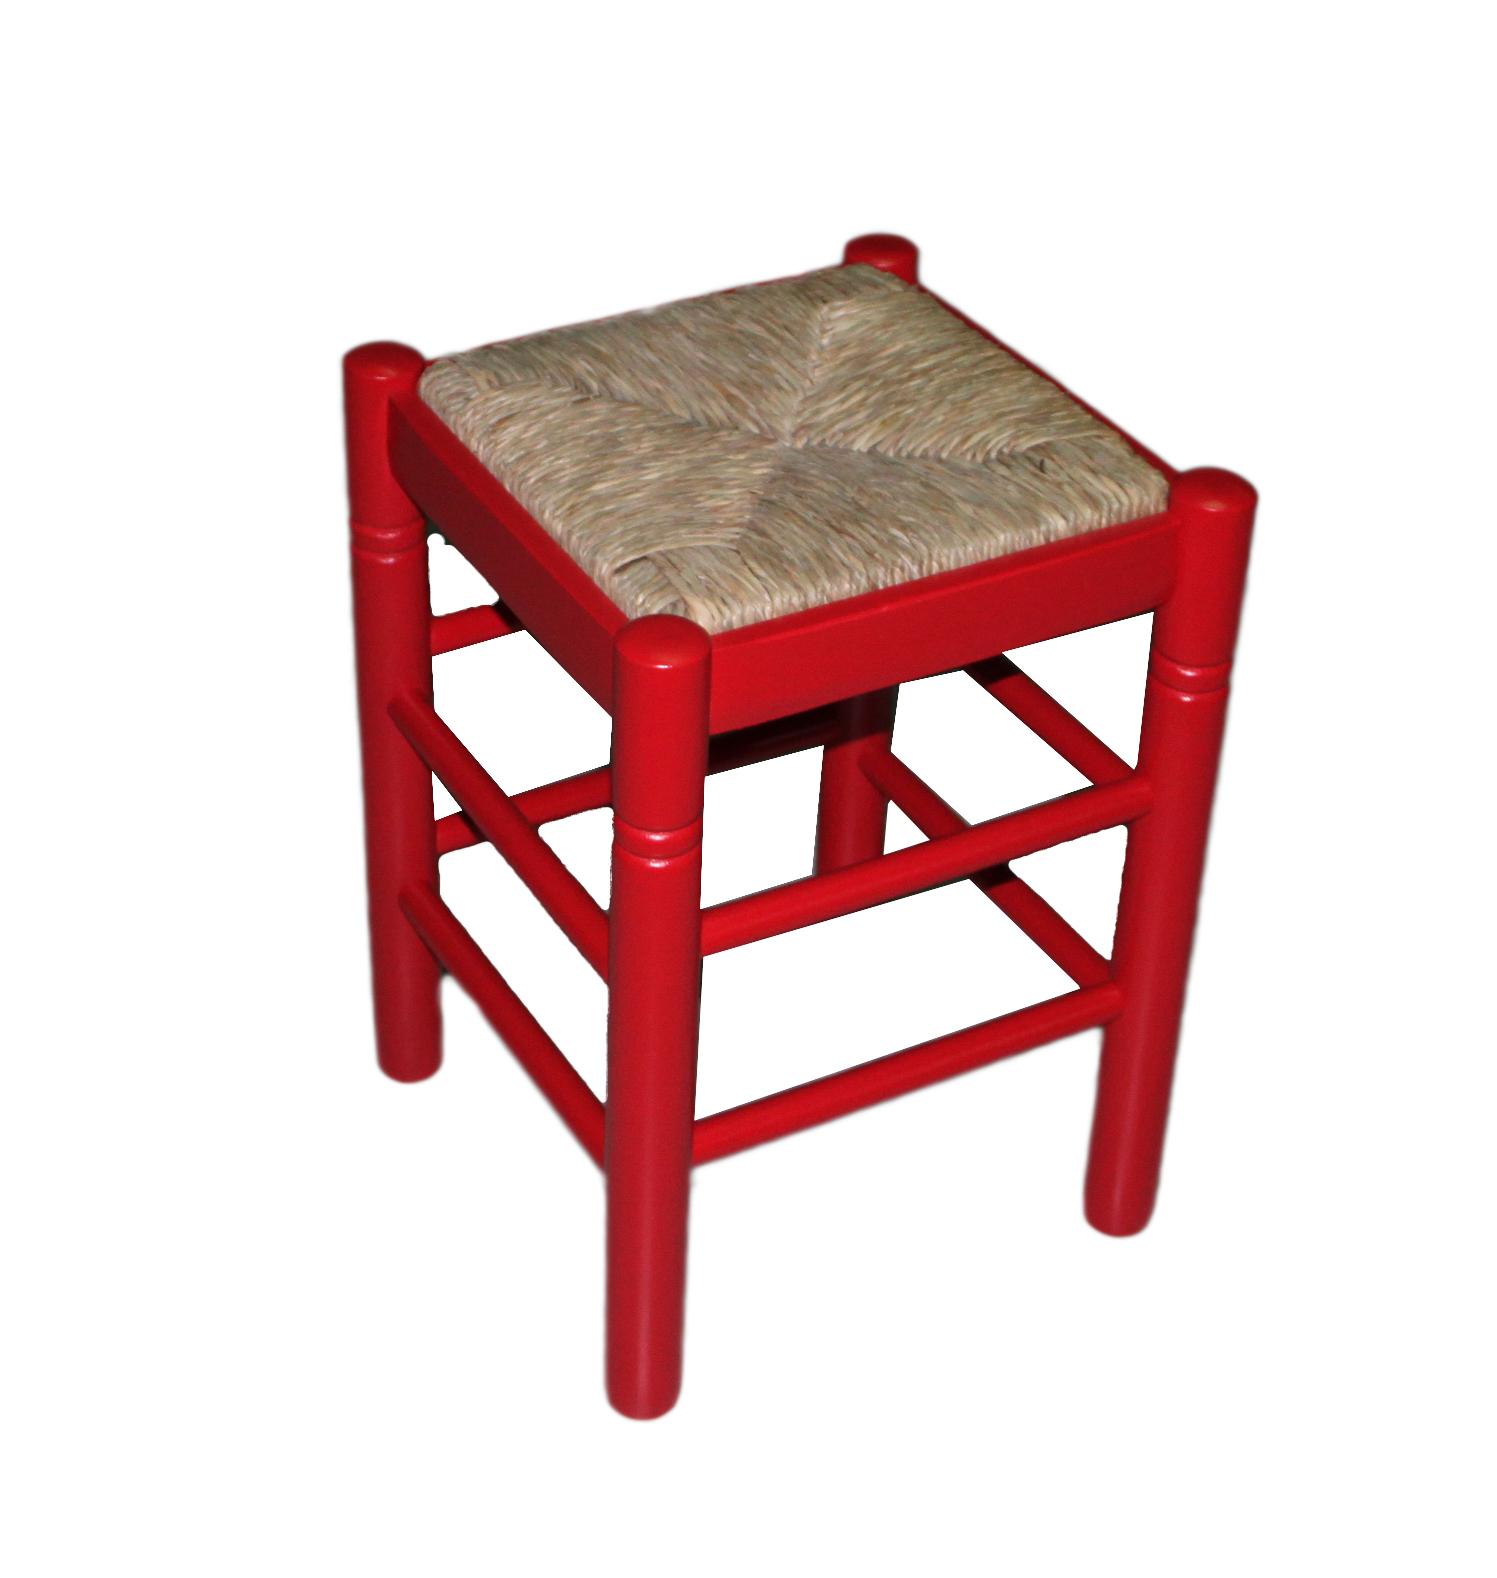 Los taburetes sillas maxi y manolo blog for Muebles de cocina manolo